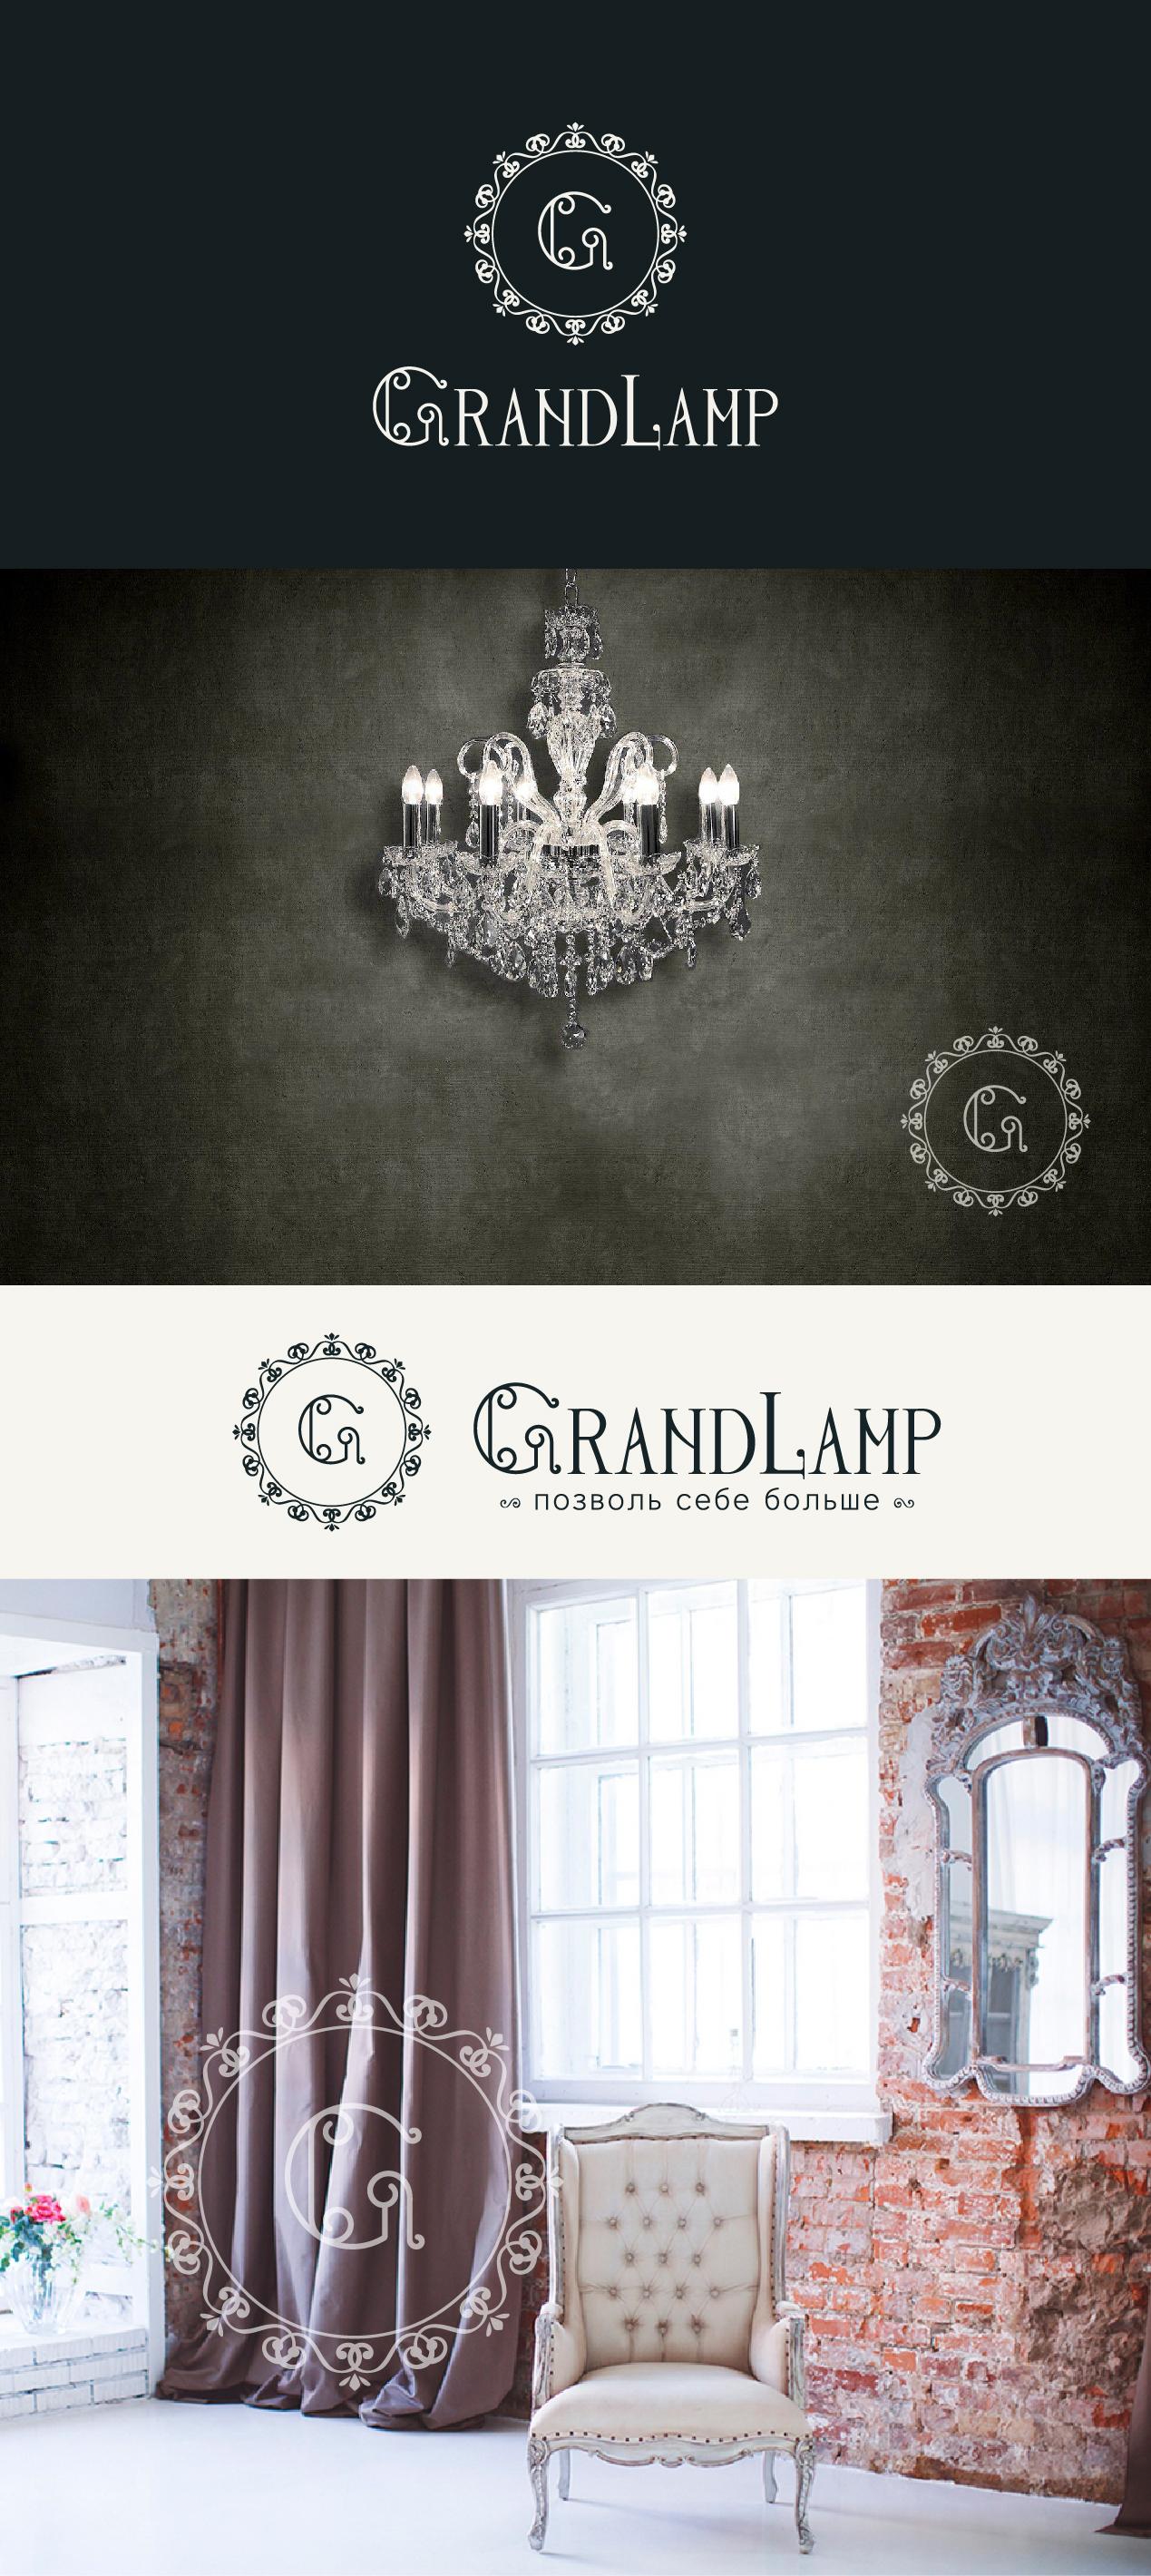 Разработка логотипа и элементов фирменного стиля фото f_66457e437c882ae3.jpg